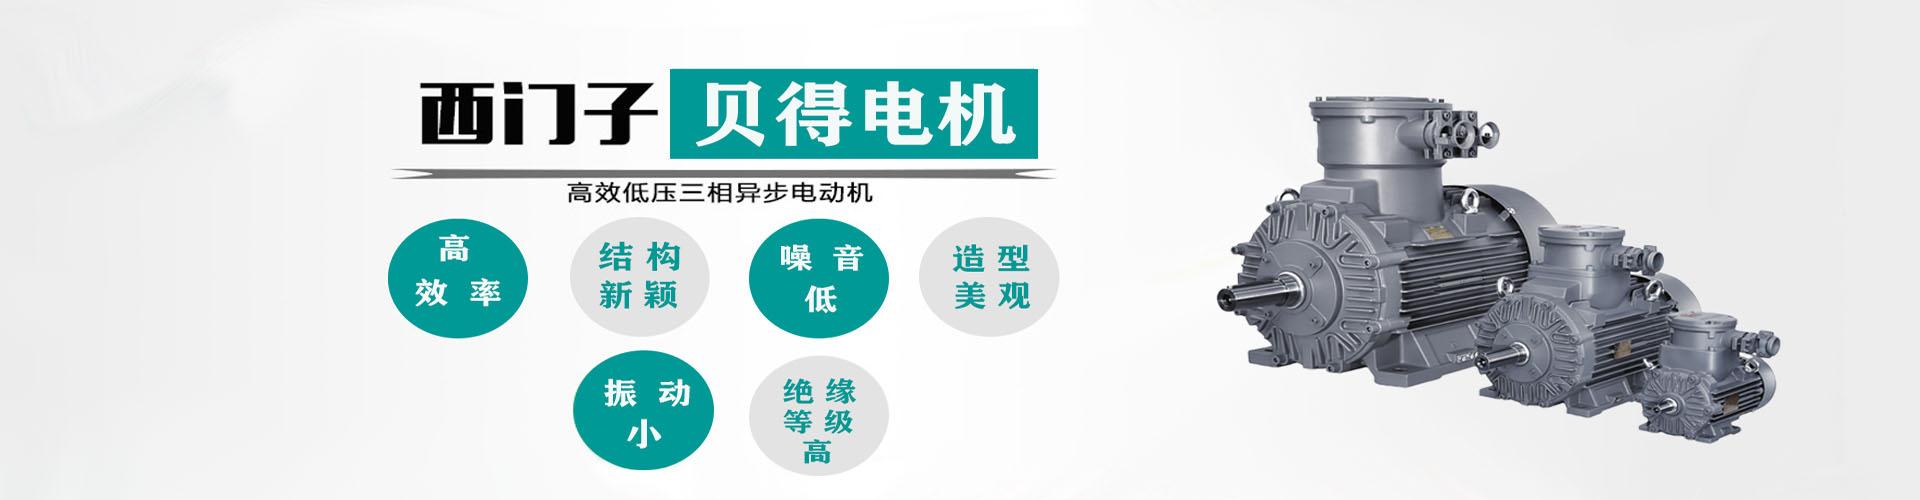 宁波亿航机电有限公司